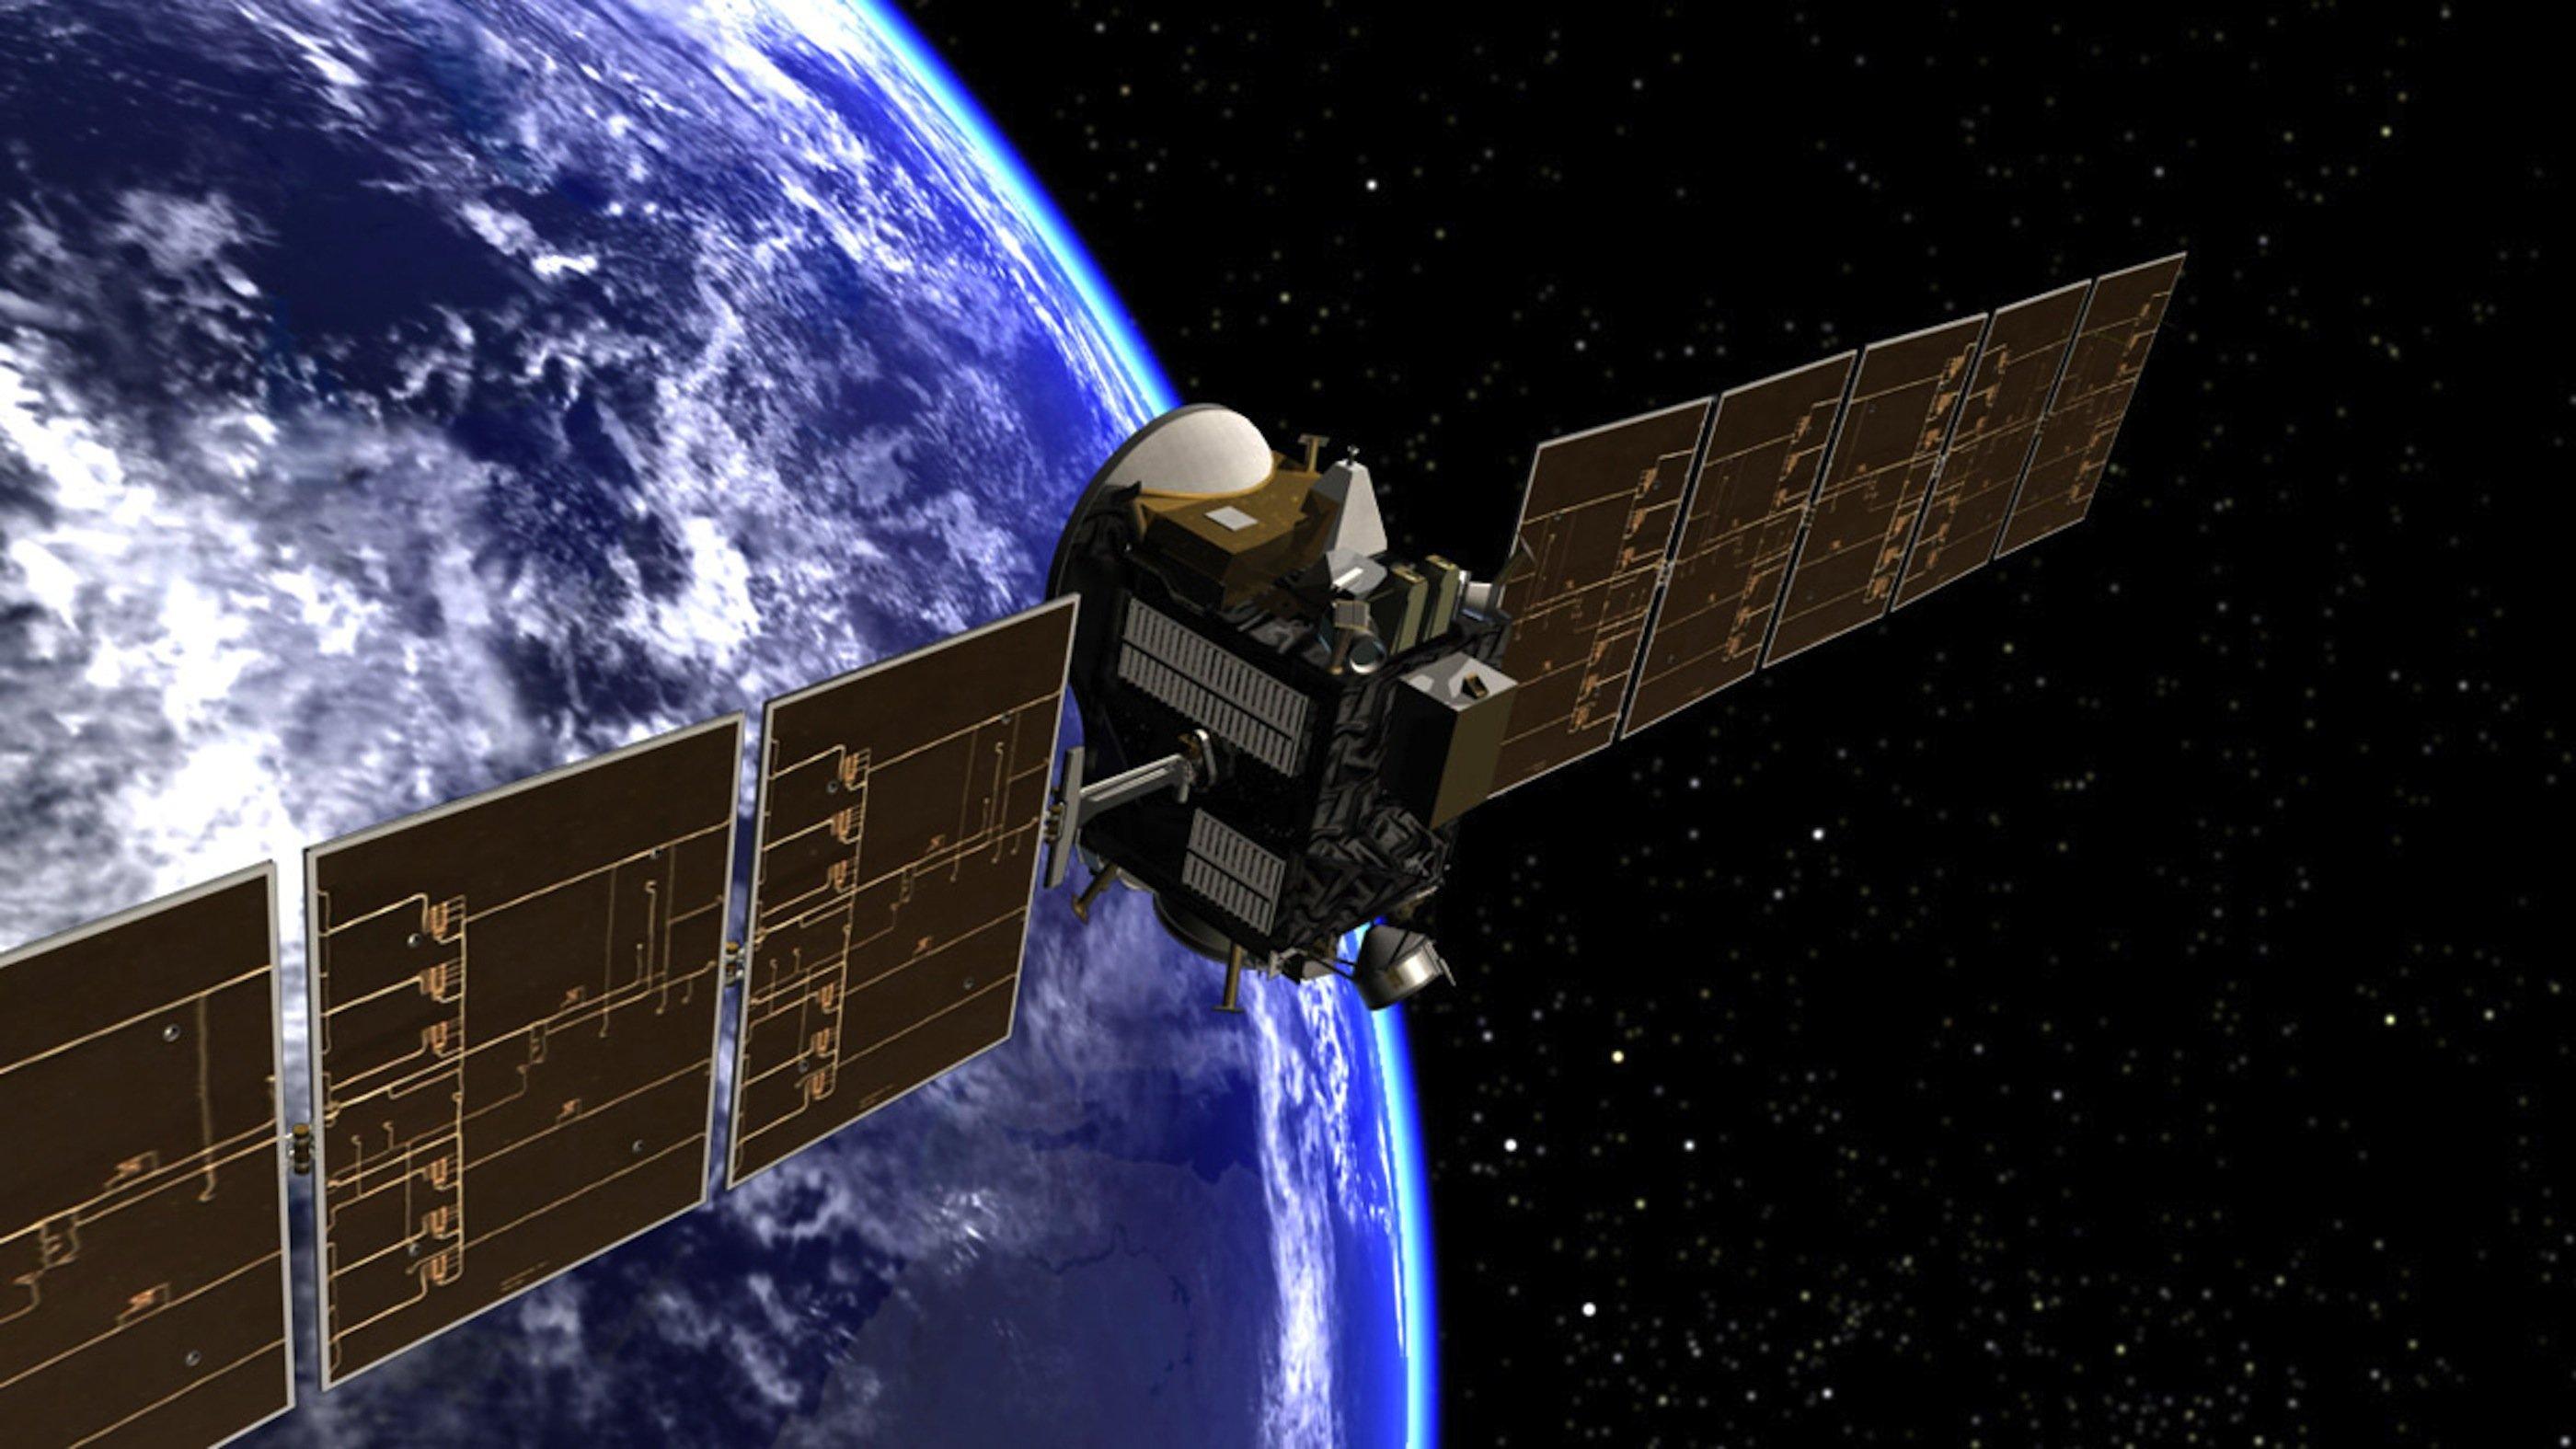 Künstlerische Darstellung der Dawn-Sonde beim Verlassen der Erdumlaufbahn: Die beiden baugleichen